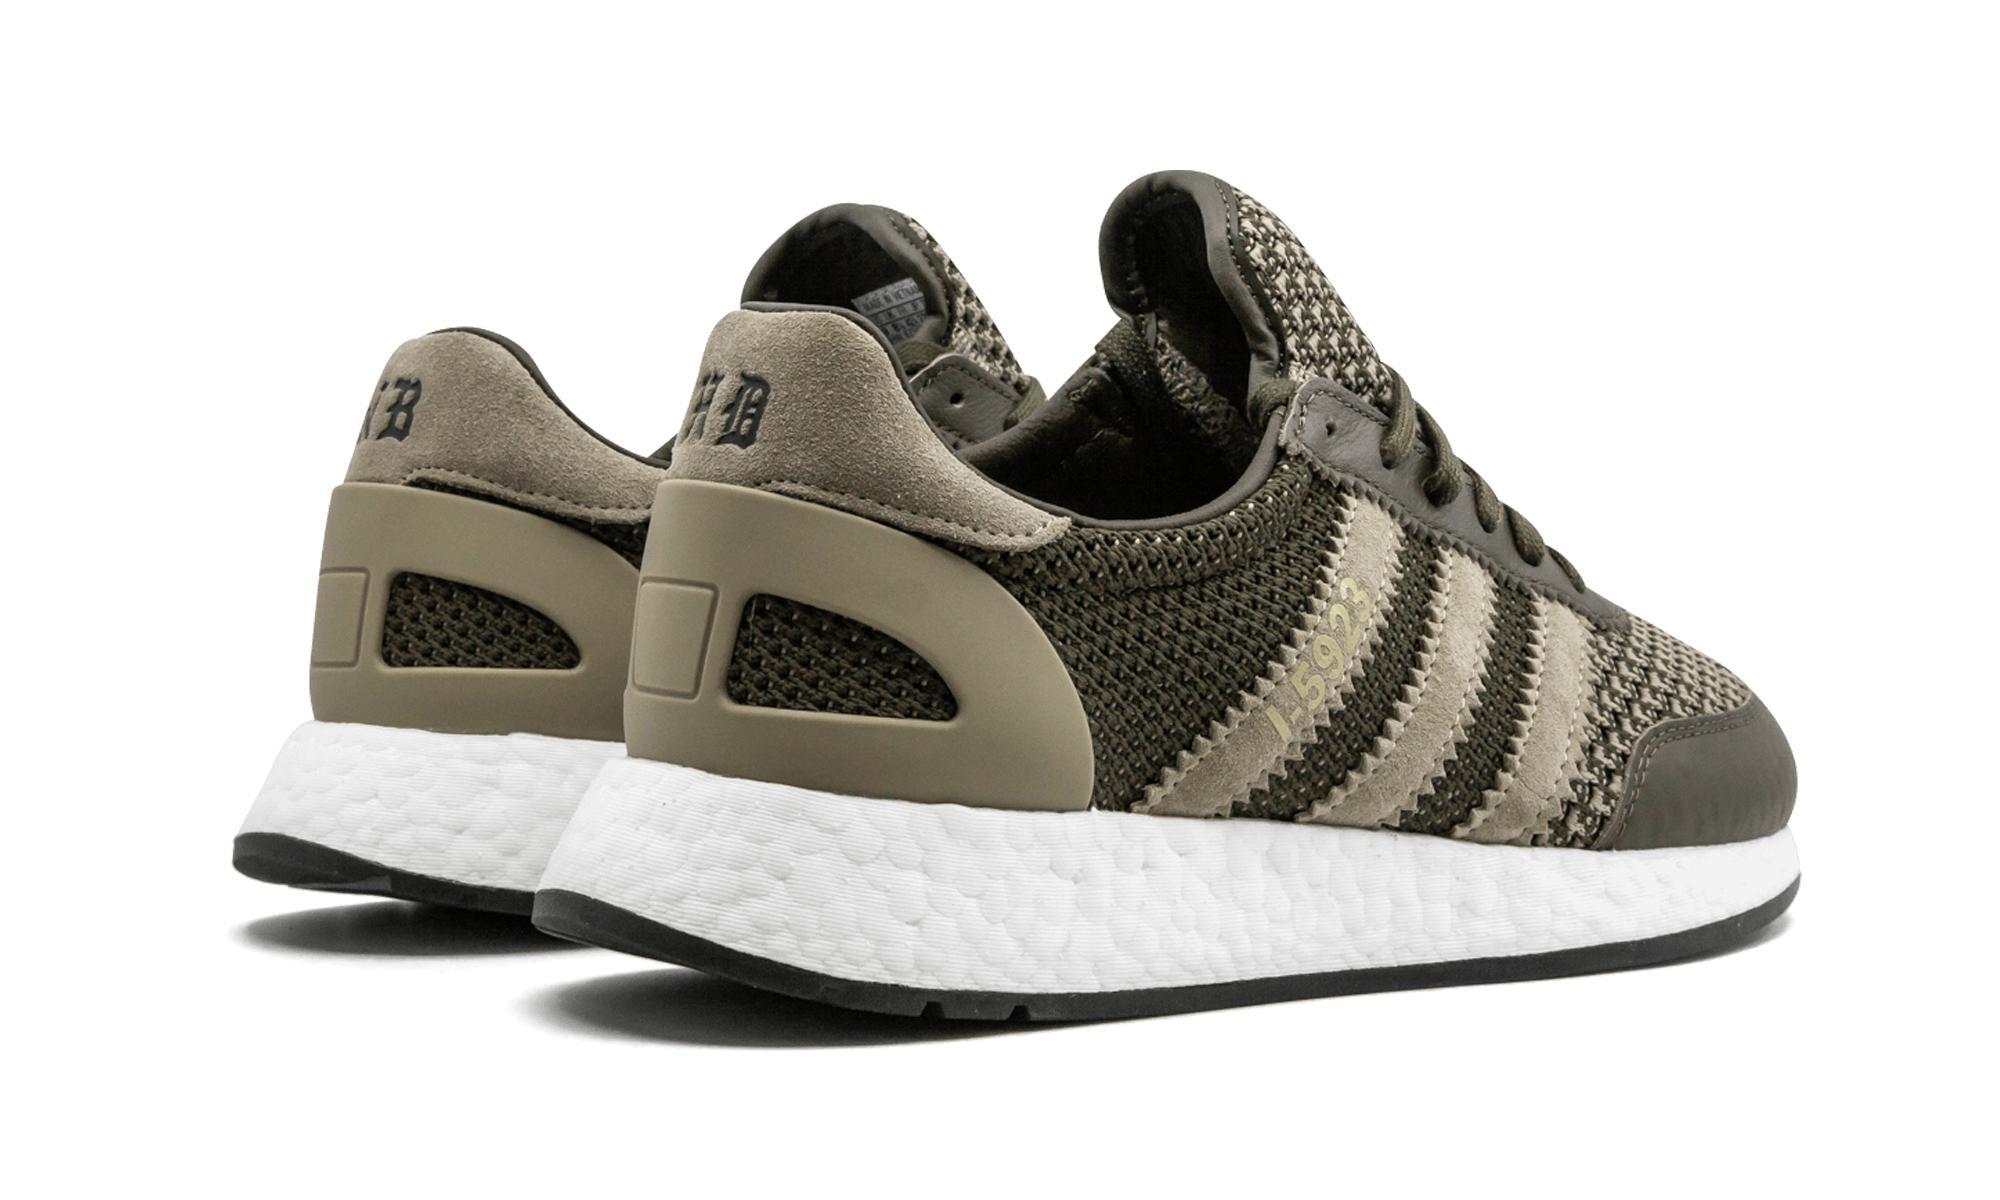 1a5ddf3ba7bca Adidas - Multicolor I-5923 Nbhd for Men - Lyst. View fullscreen